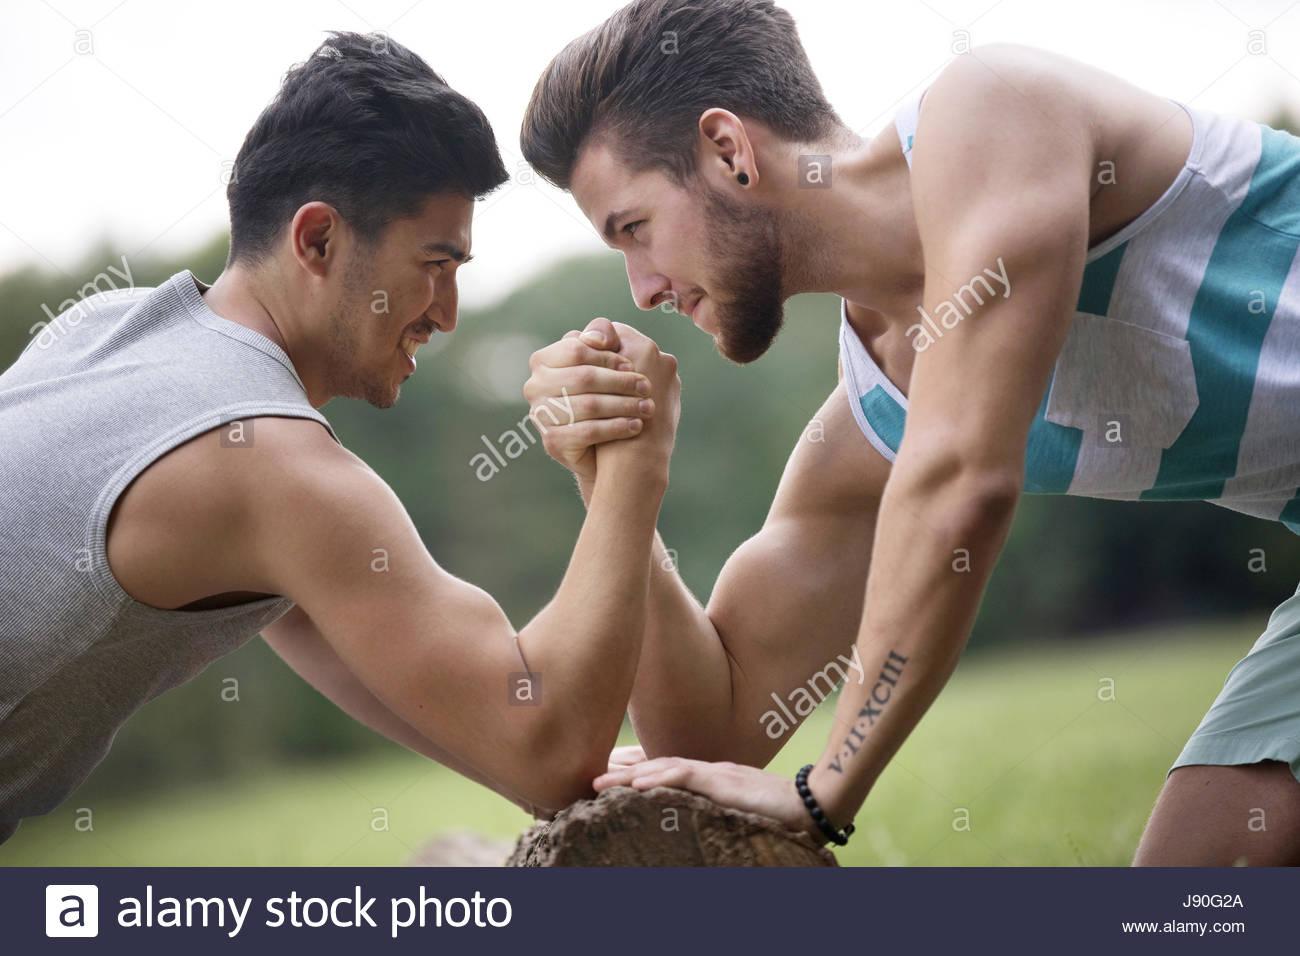 Deux amis bras de fer à l'extérieur ensemble Photo Stock